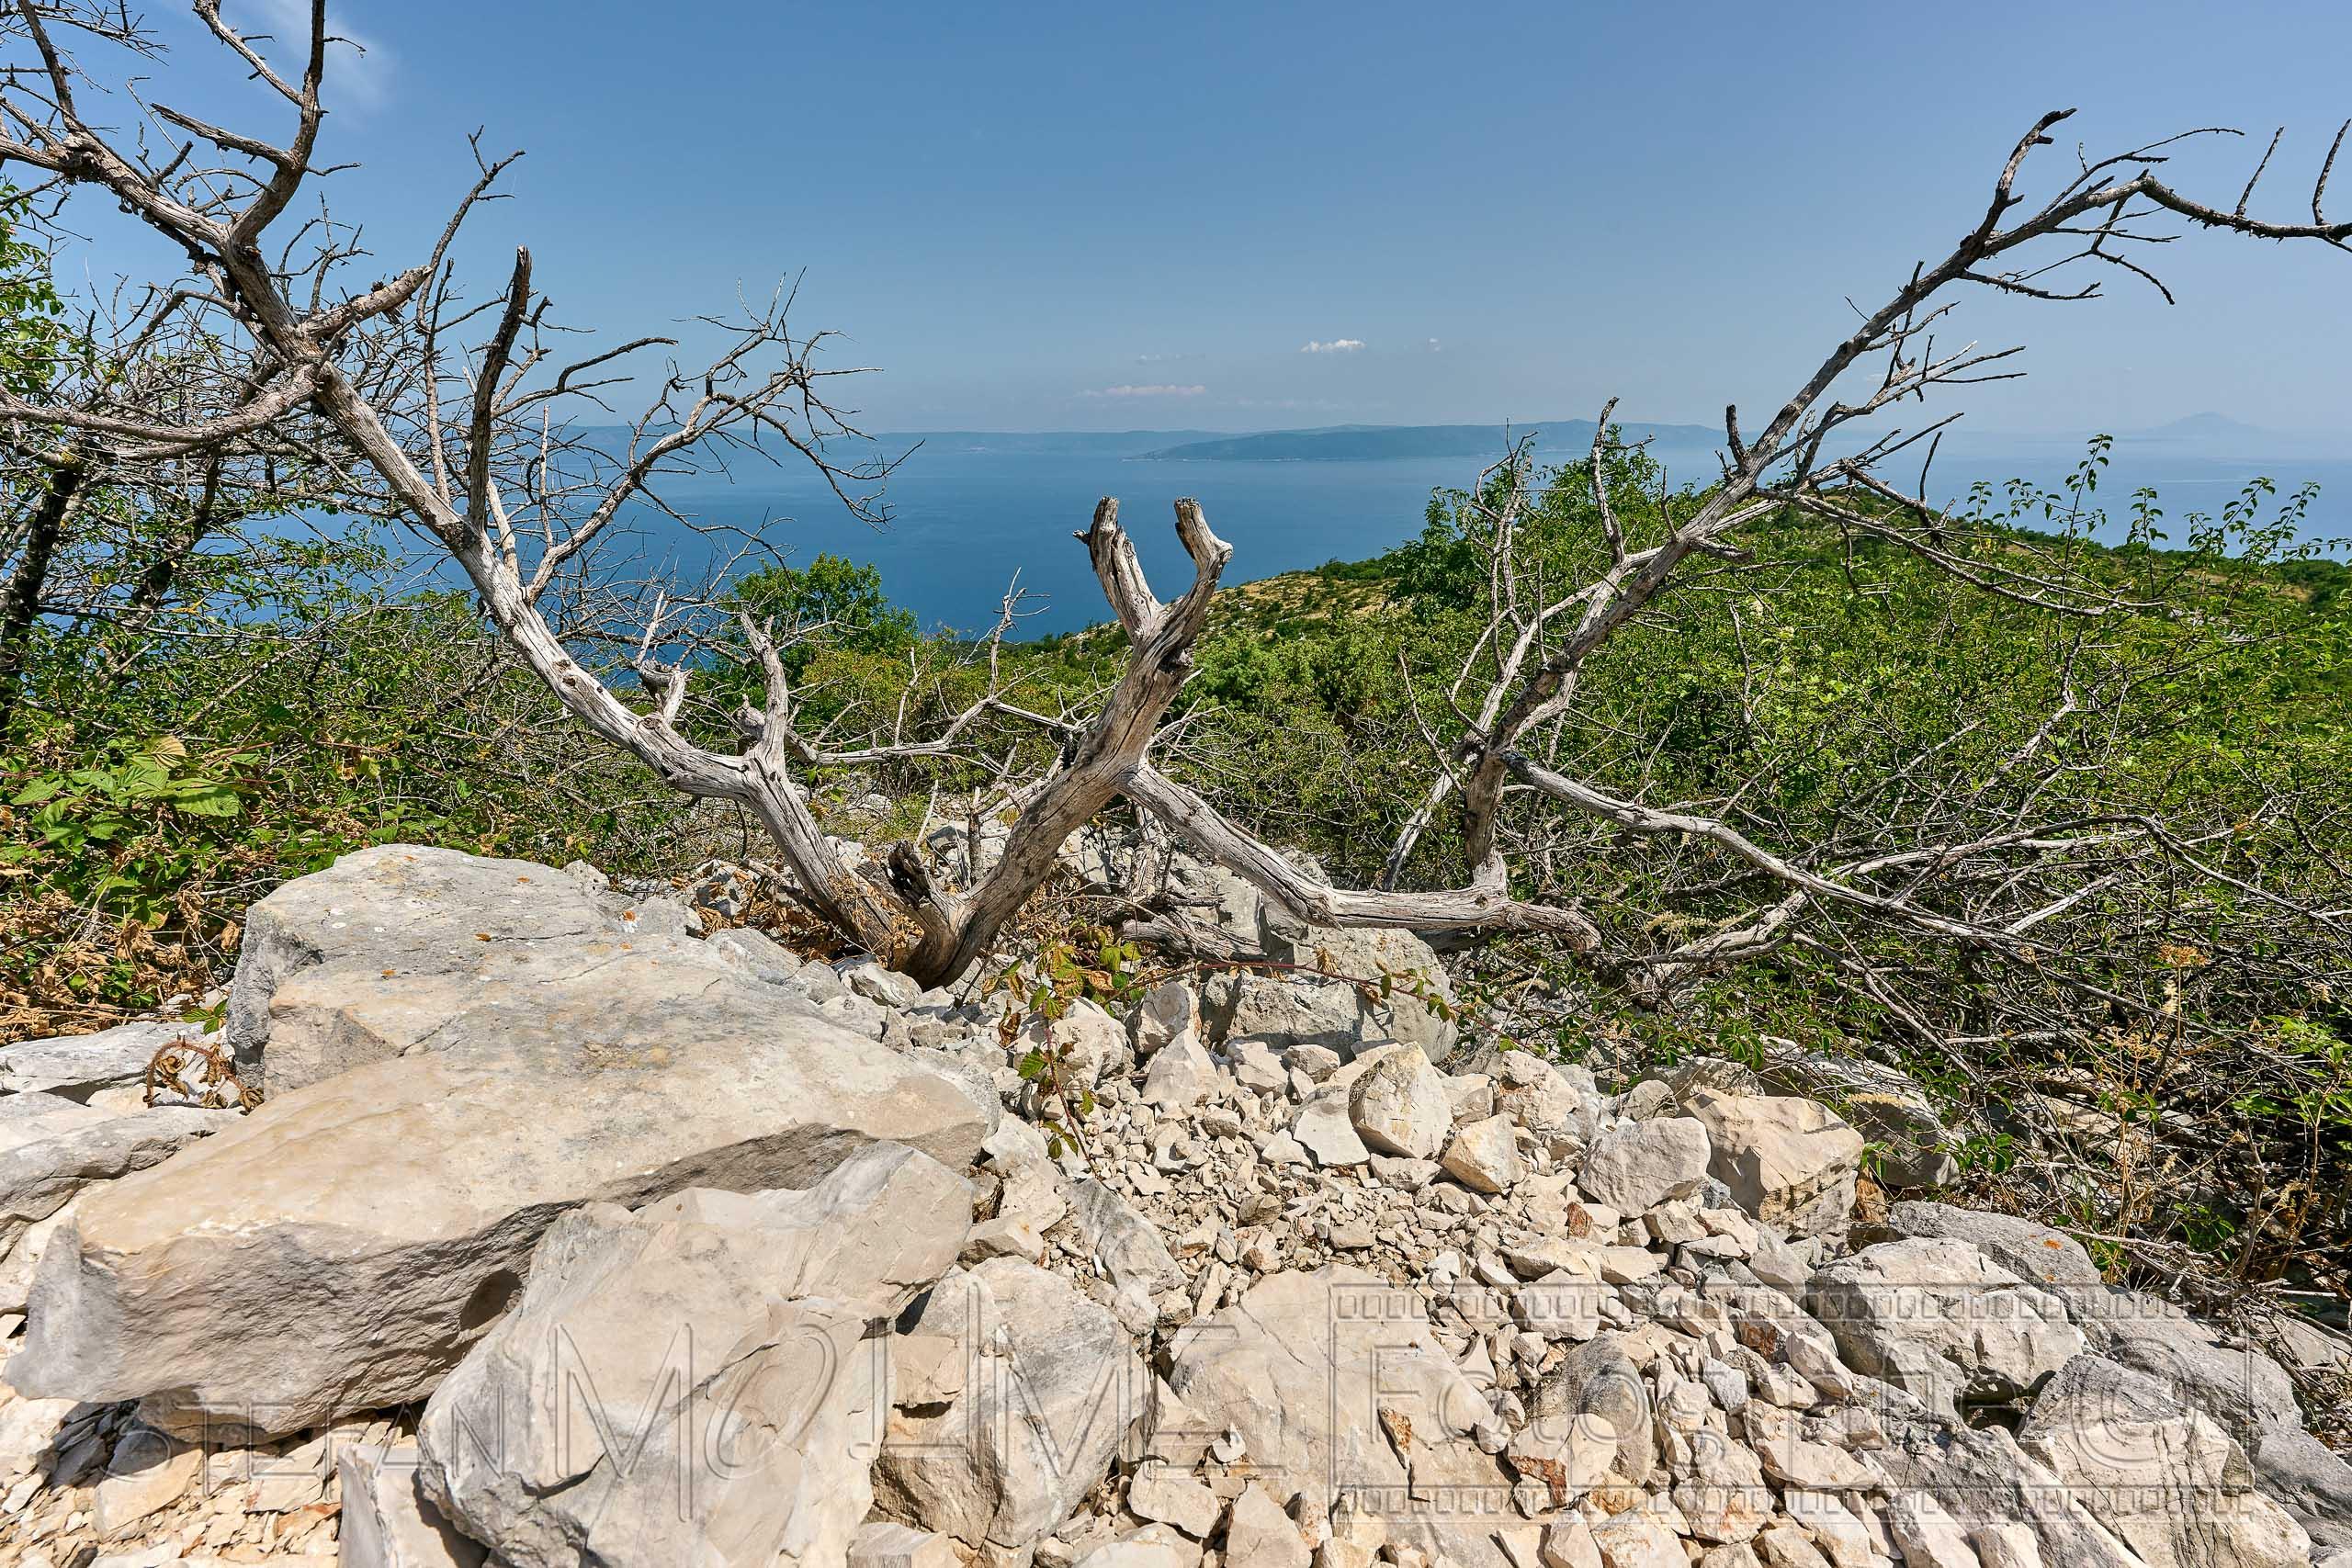 Kroatien, Istrien, Naturlandschaft, Meerblick